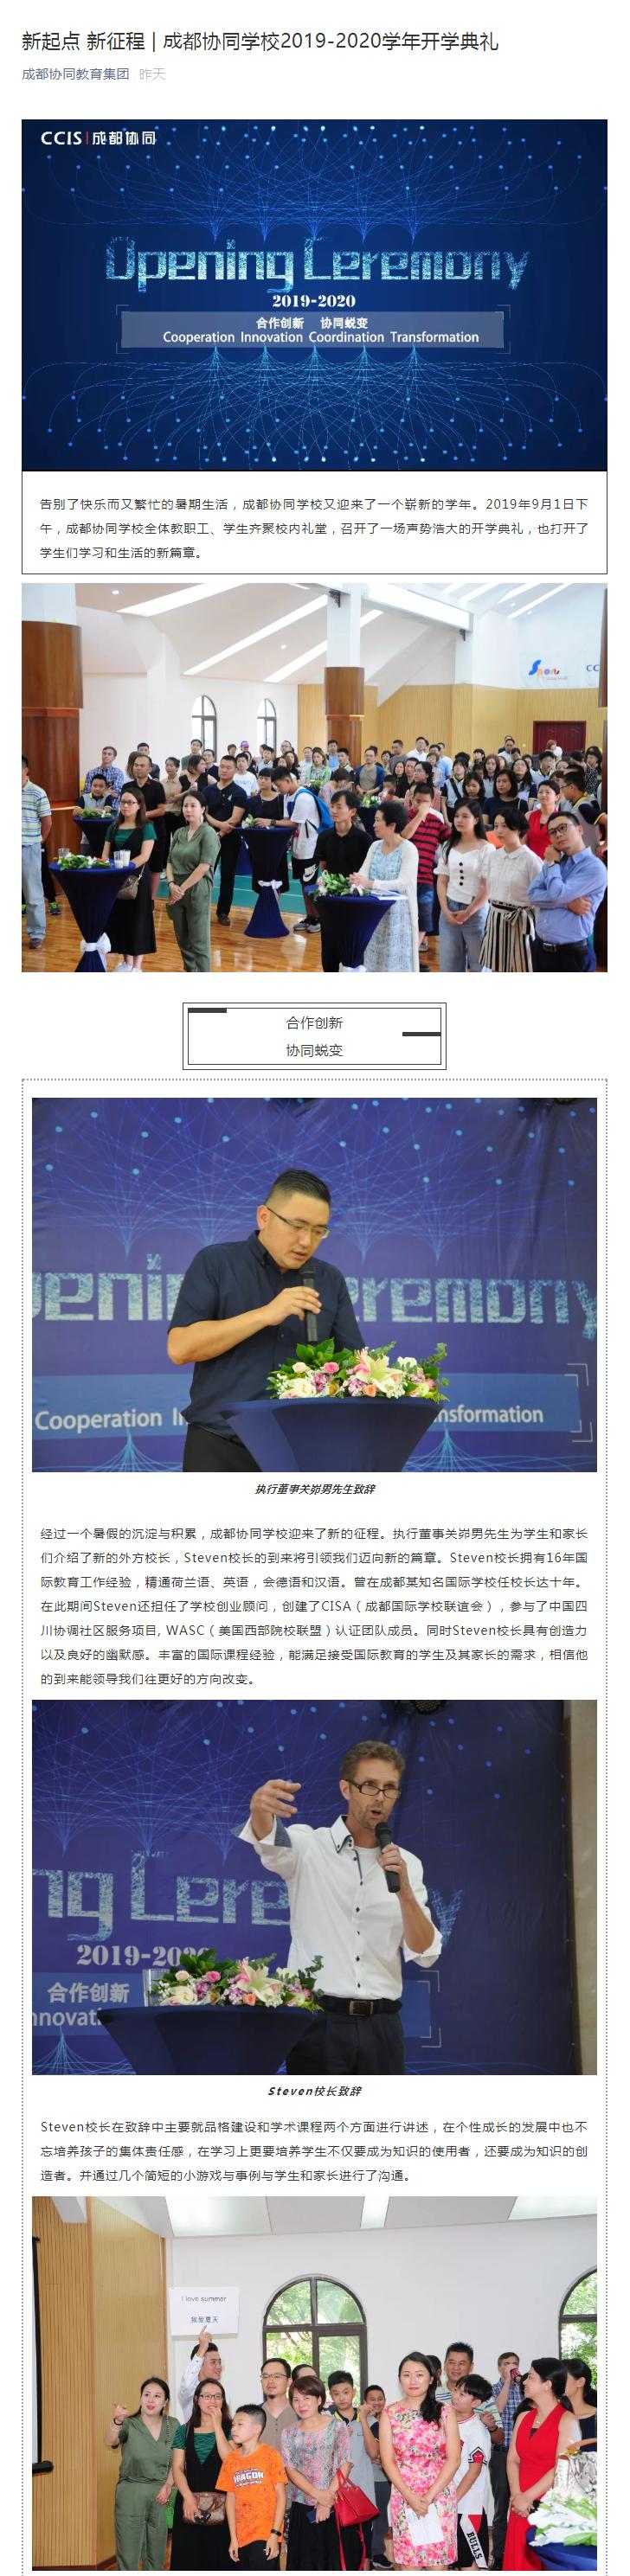 新起点-新征程-_-成都协同学校2019-2020学年开学典礼_01